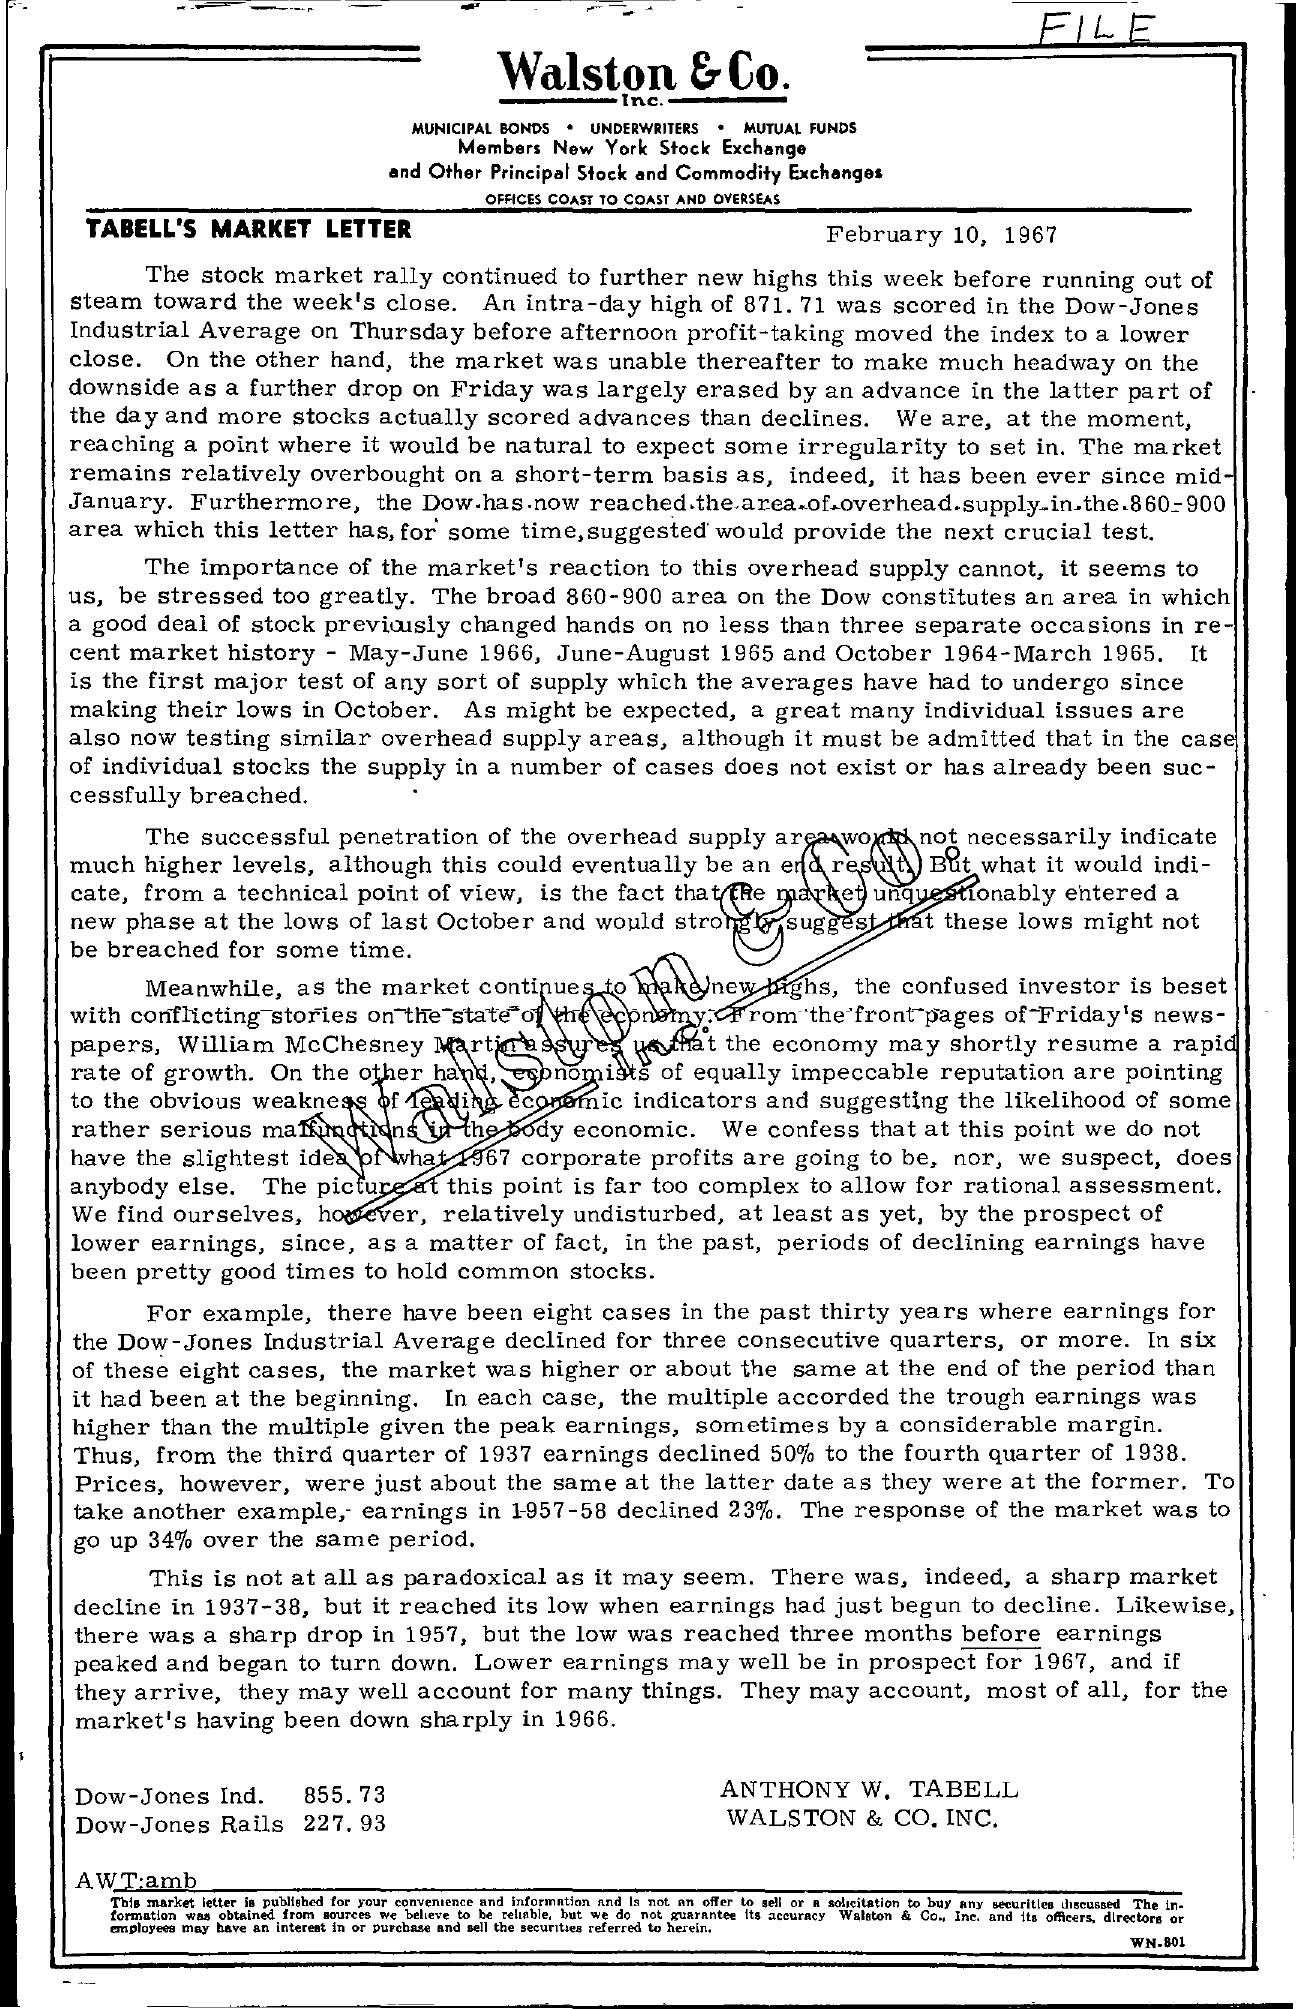 Tabell's Market Letter - February 10, 1967